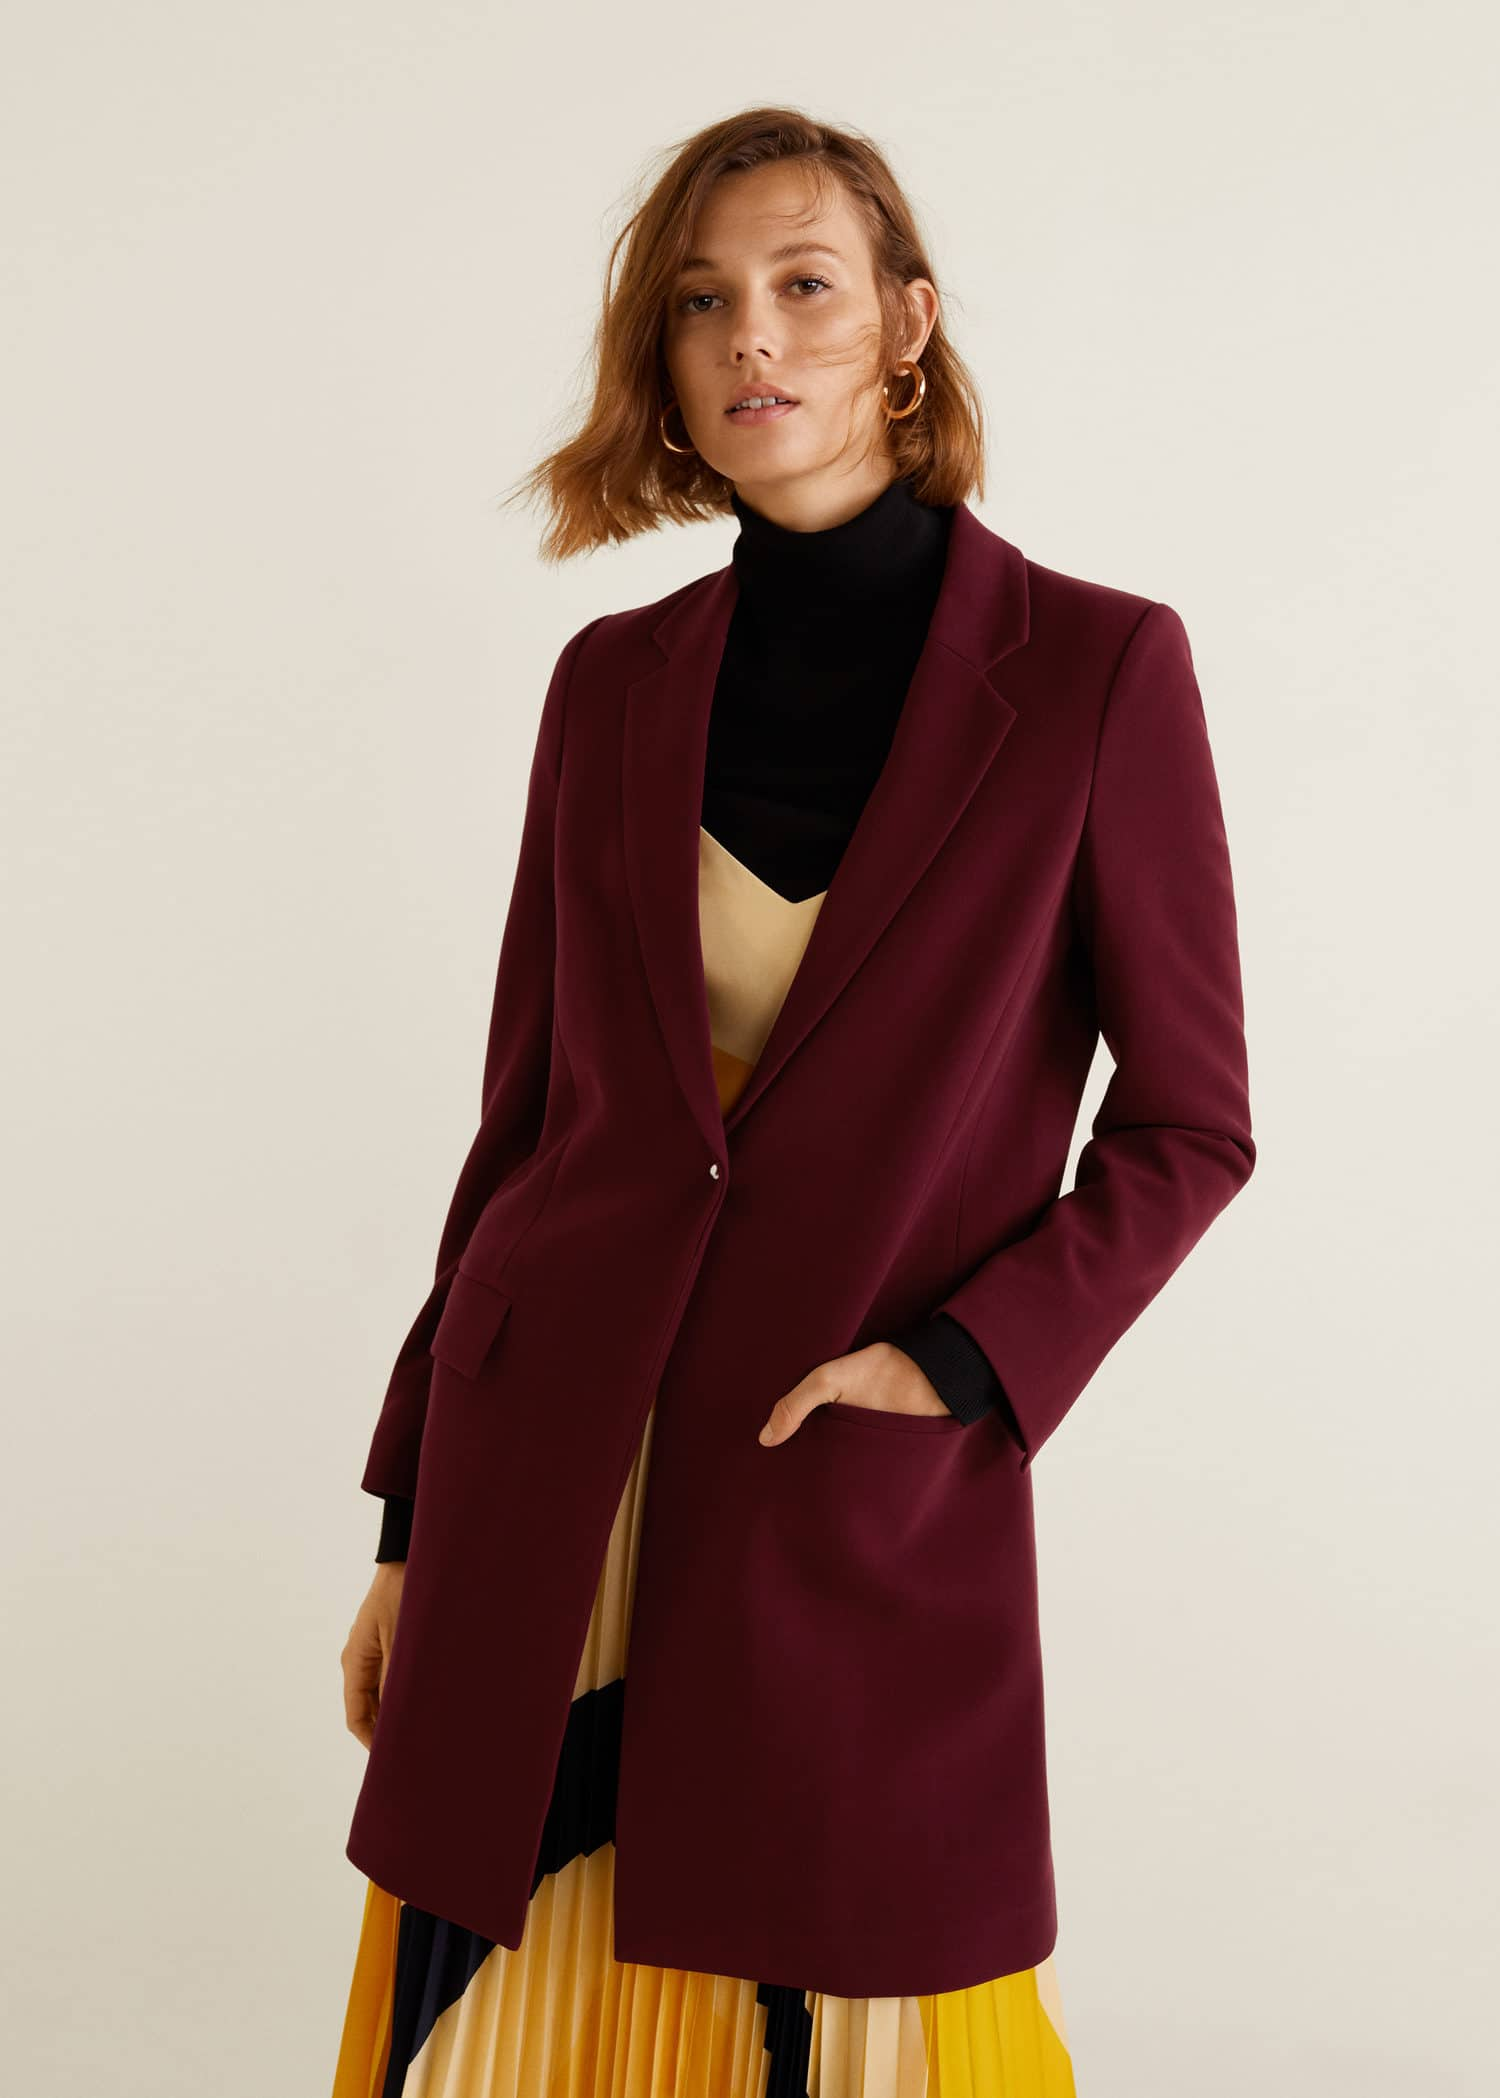 Manteau Vêtements Femme | OUTLET Belgique